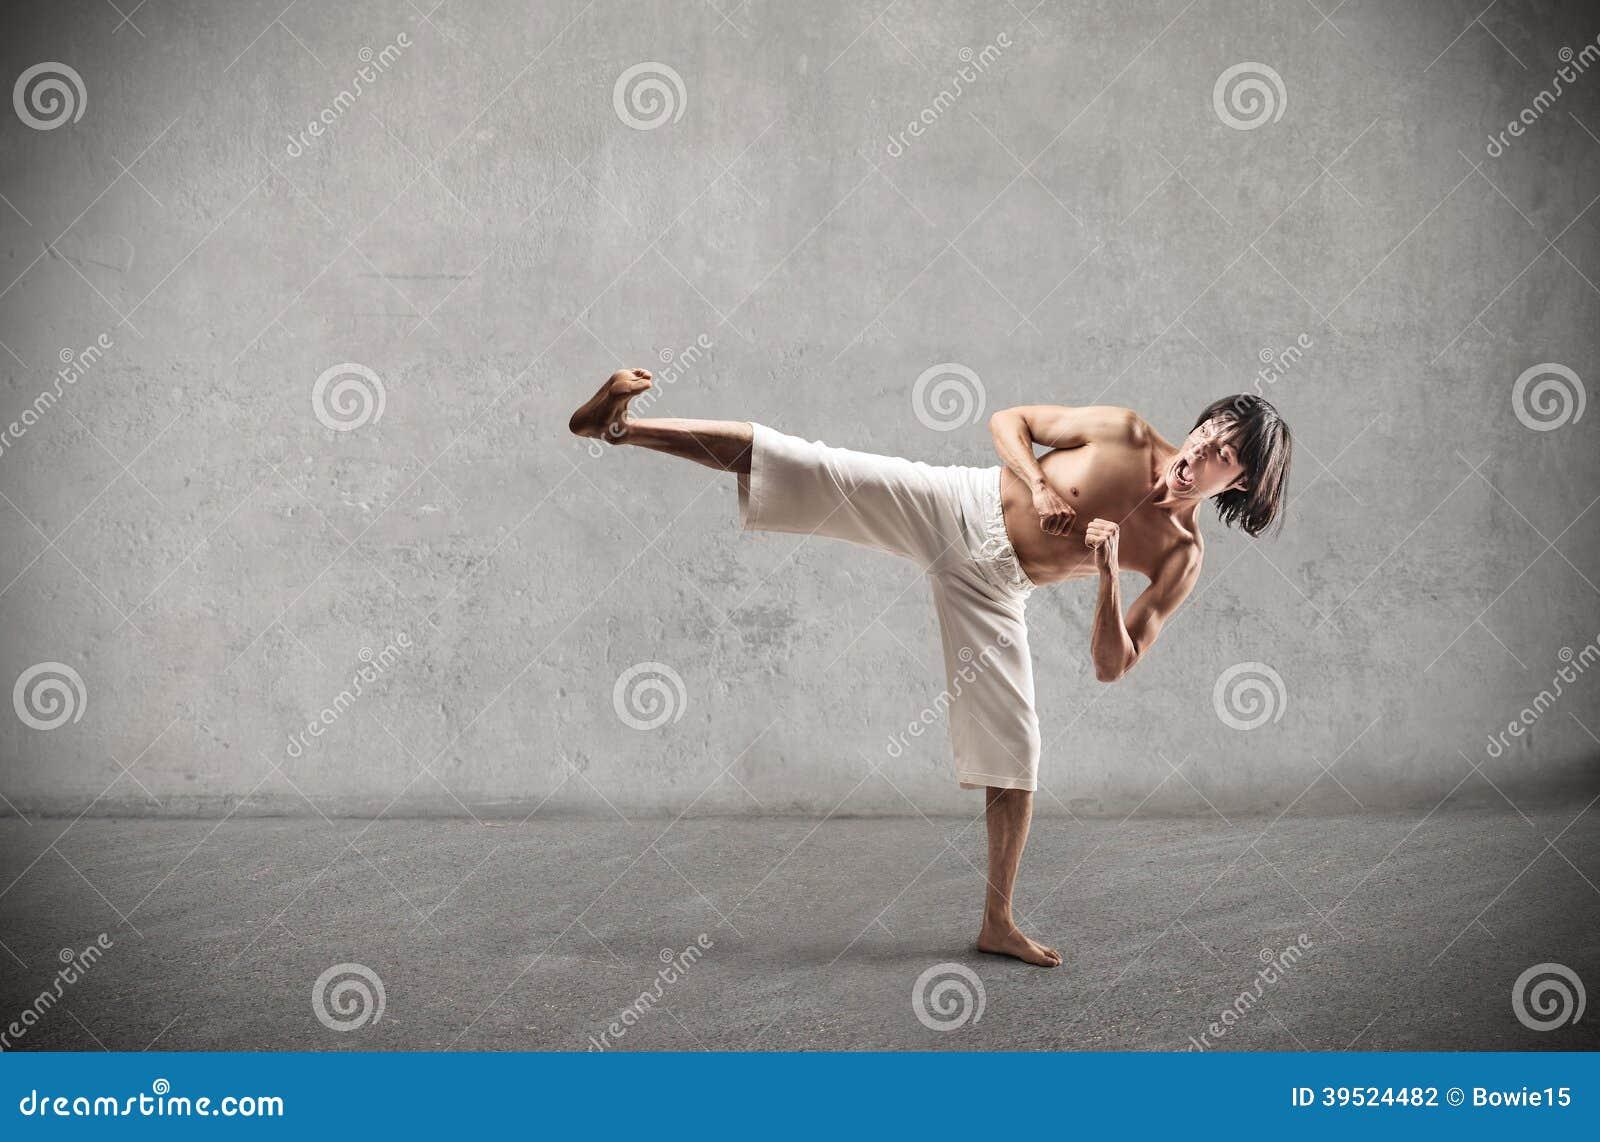 Martial arts naked Asian